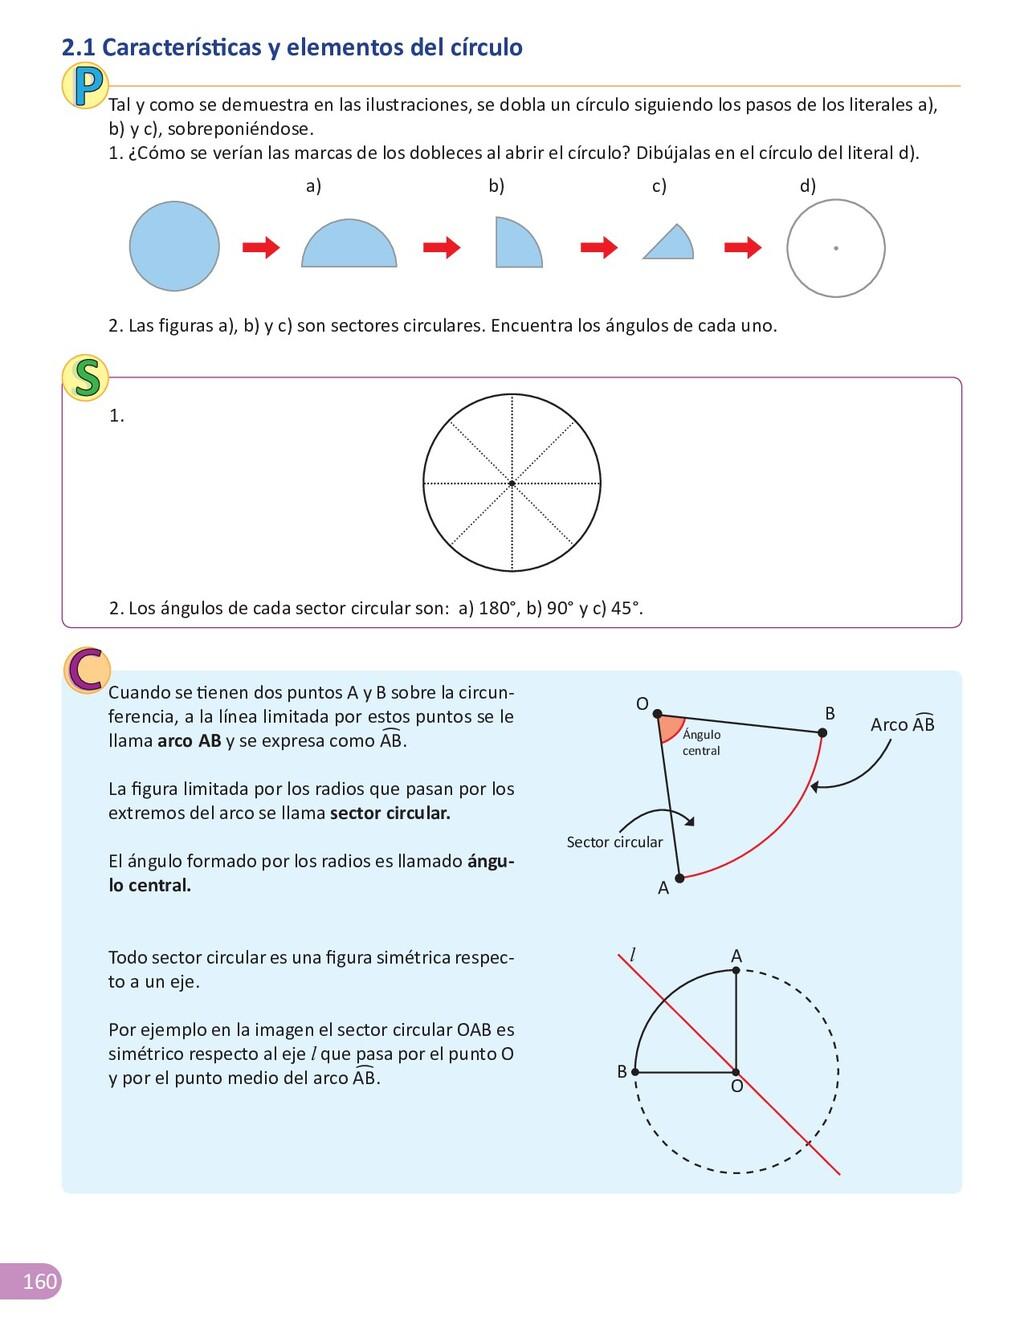 160 2.1 Características y elementos del círculo...